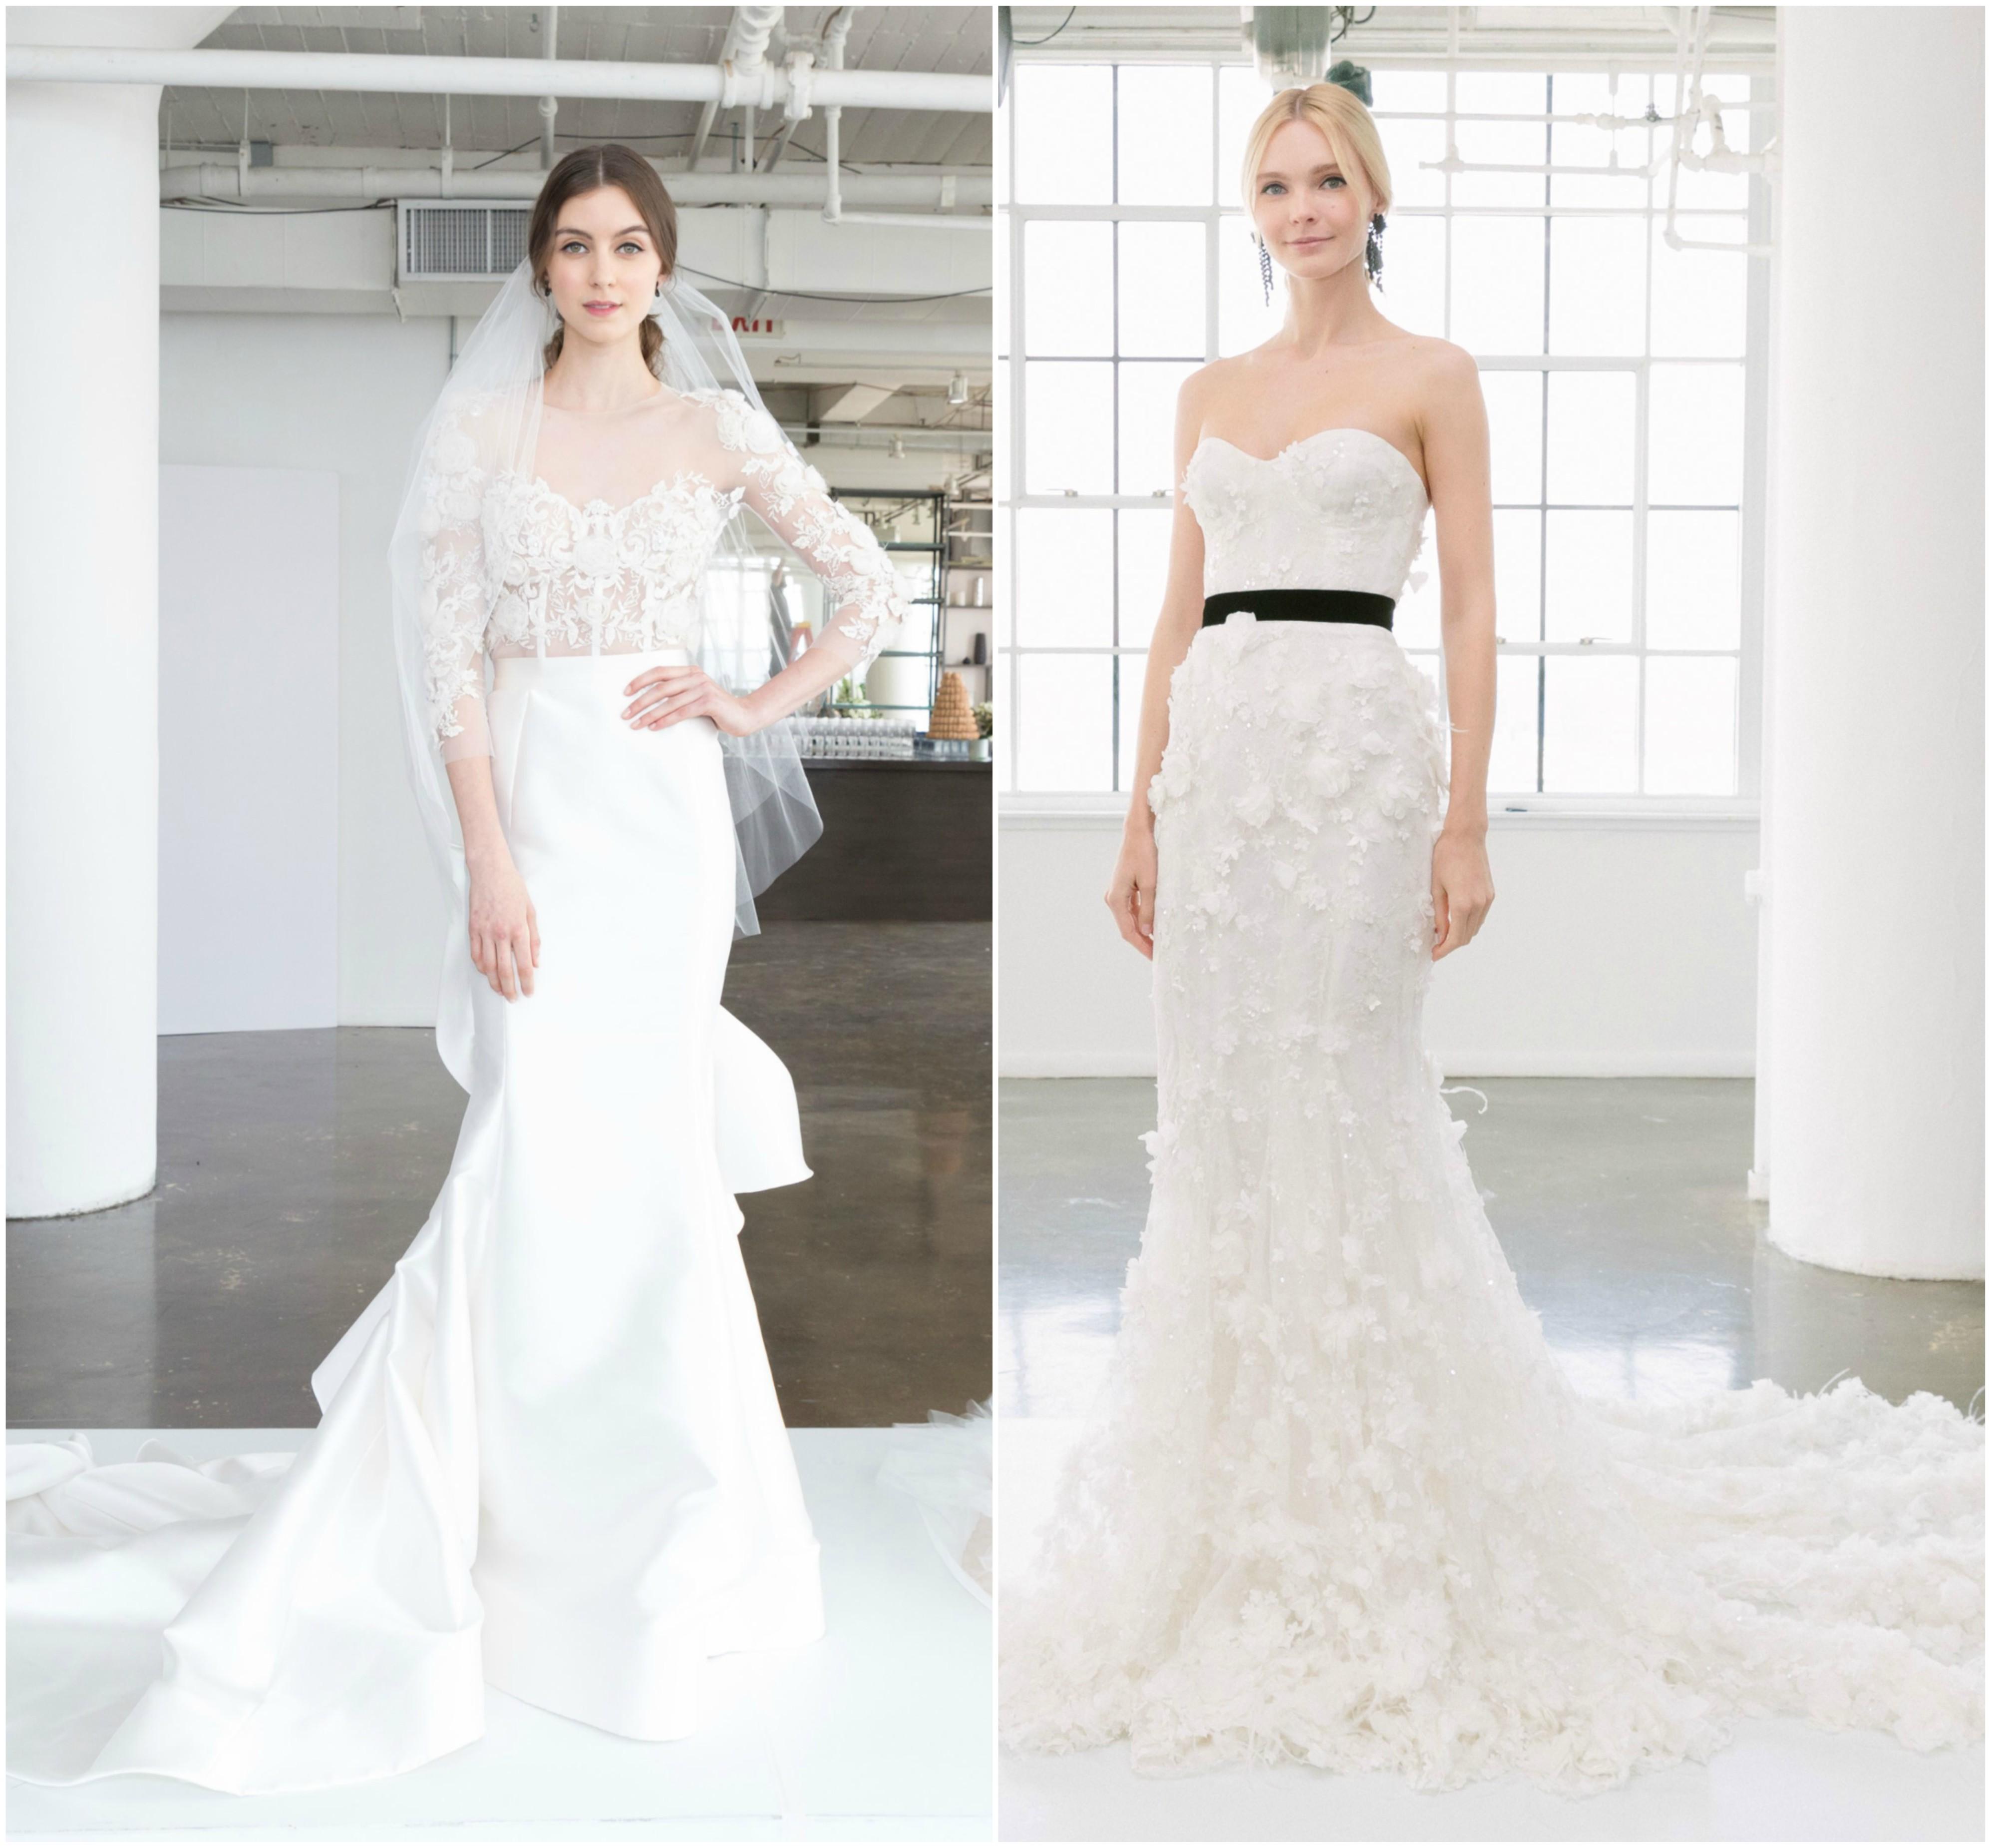 robe de mariée 2018 modèles coupe droite avec un bas évasée style fourreau, robe corsage transparent décoré et jupe blanche et robe longue à multiples motifs accessoirisé d une ceinture noire